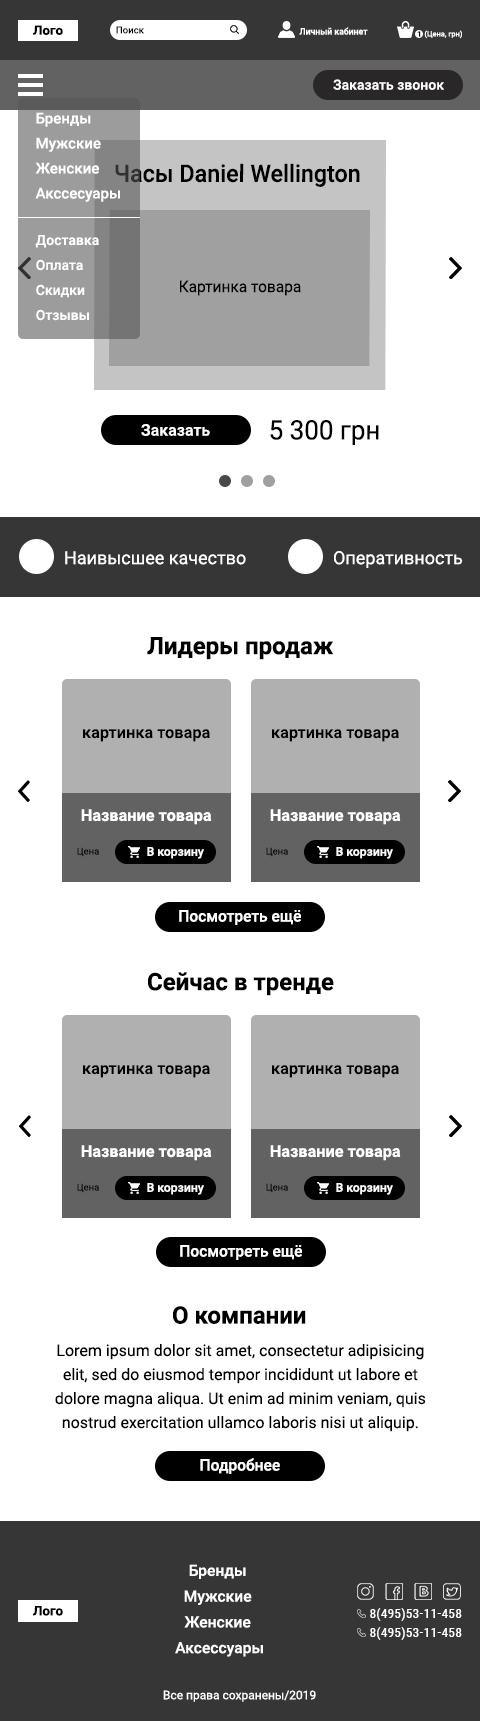 36d9449d Фрилансер Roman Bochkarev • дизайн сайтов и дизайн мобильных ...